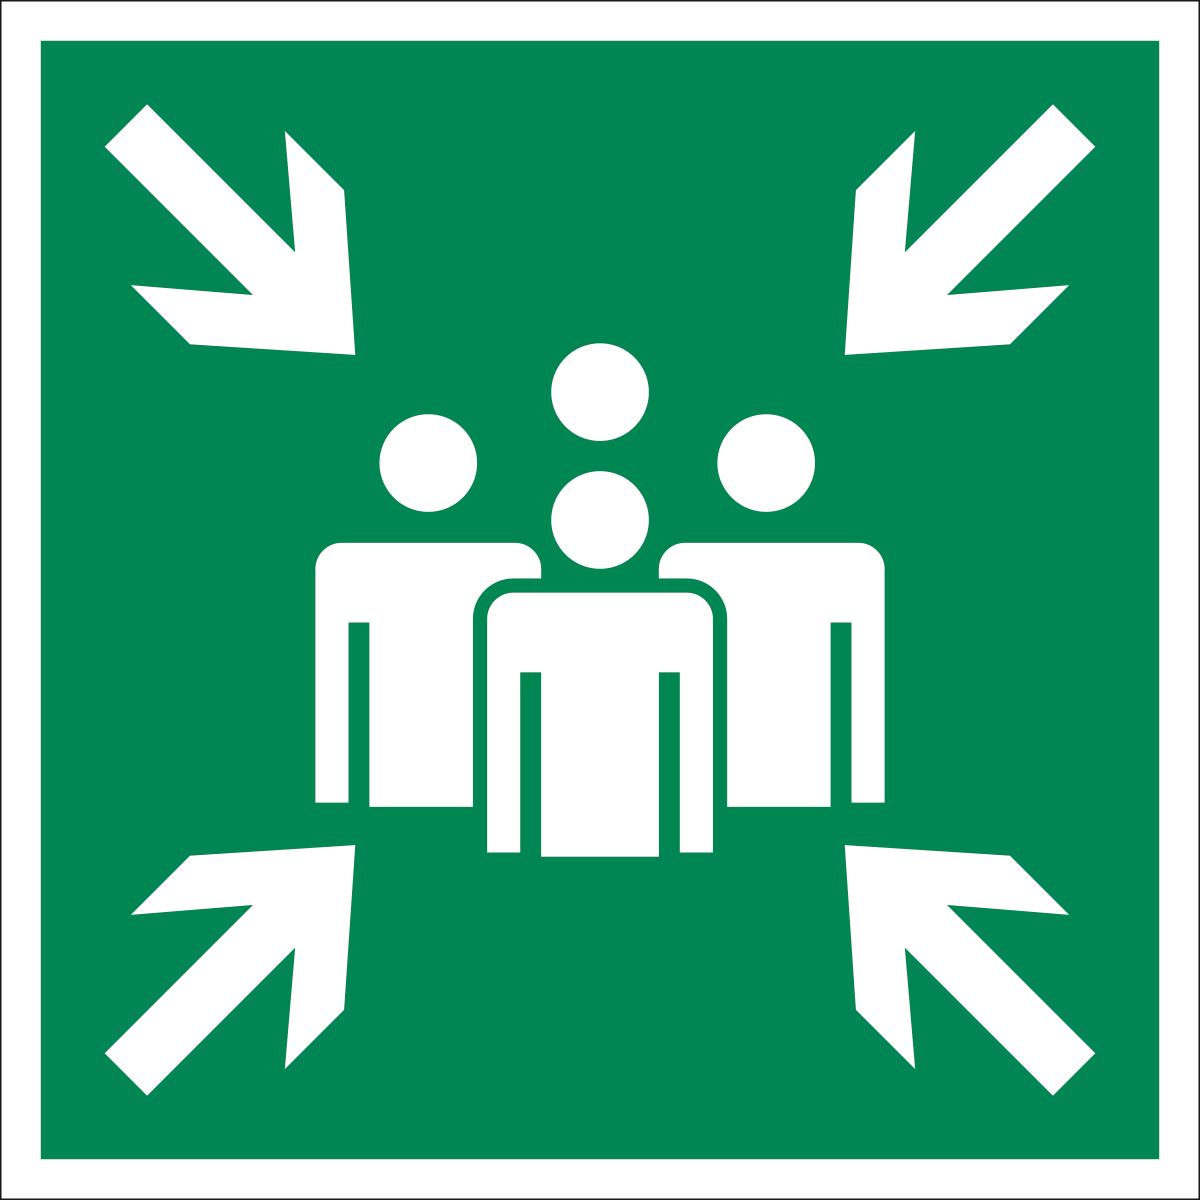 Наклейка информационная Оранжевый Слоник Пункт сбора, 15 х 15 смINS007RGBИнформационные наклейки предназначенны для предупреждения людей о непосредственной или возможной опасности, запрещения, предписания или разрешения определенных действий, а также для информации о расположении объектов и средств, использование которых ислючает или снижает воздействие опасных и (или) вредных факторов.